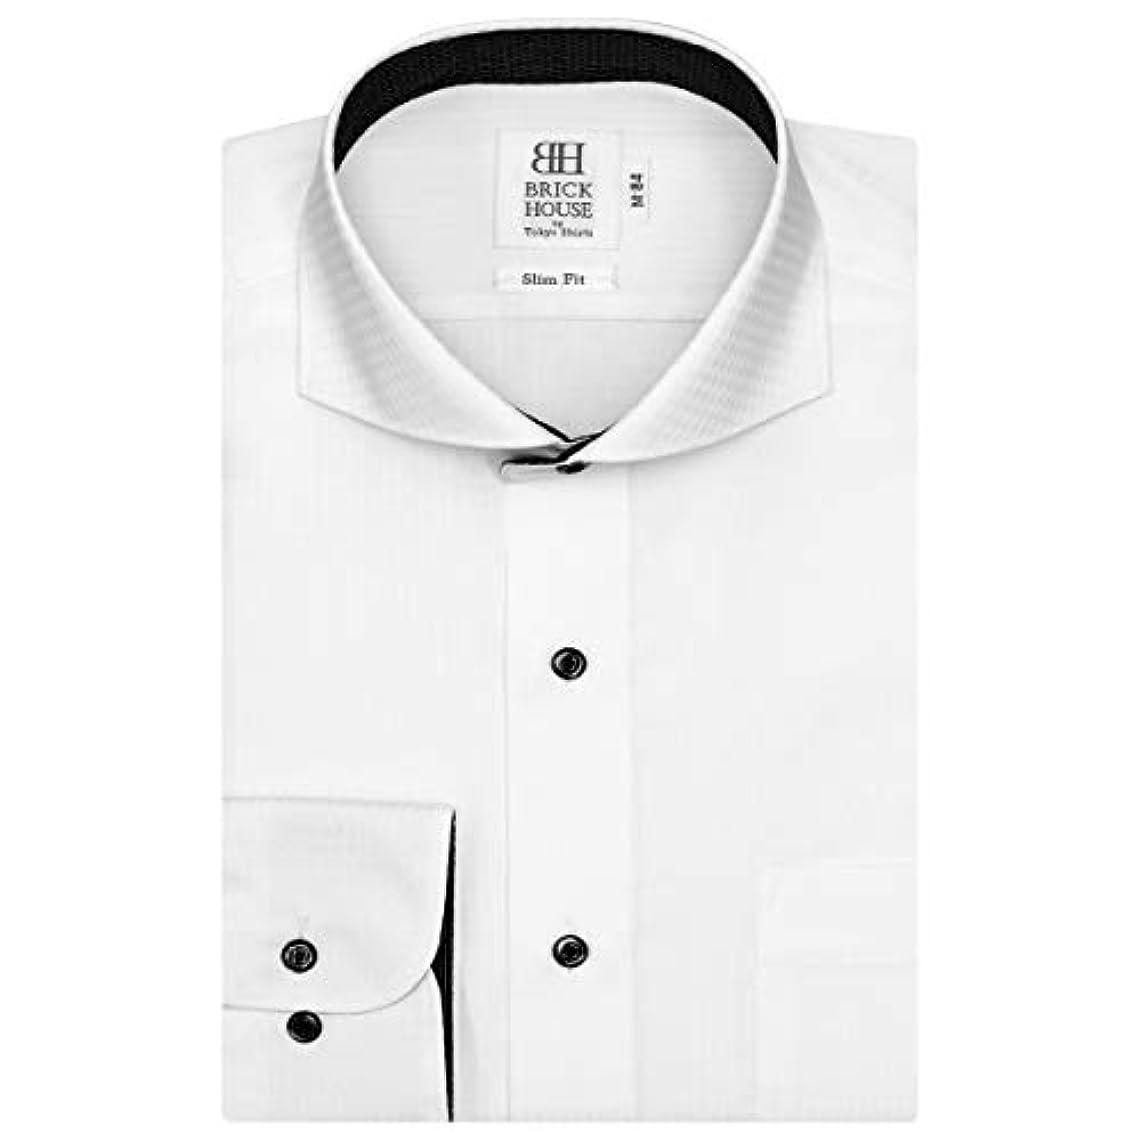 それからファックス建築家ブリックハウス ワイシャツ 長袖 形態安定 ホリゾンタル ワイド スリム メンズ BM018500AA11Z1A-90